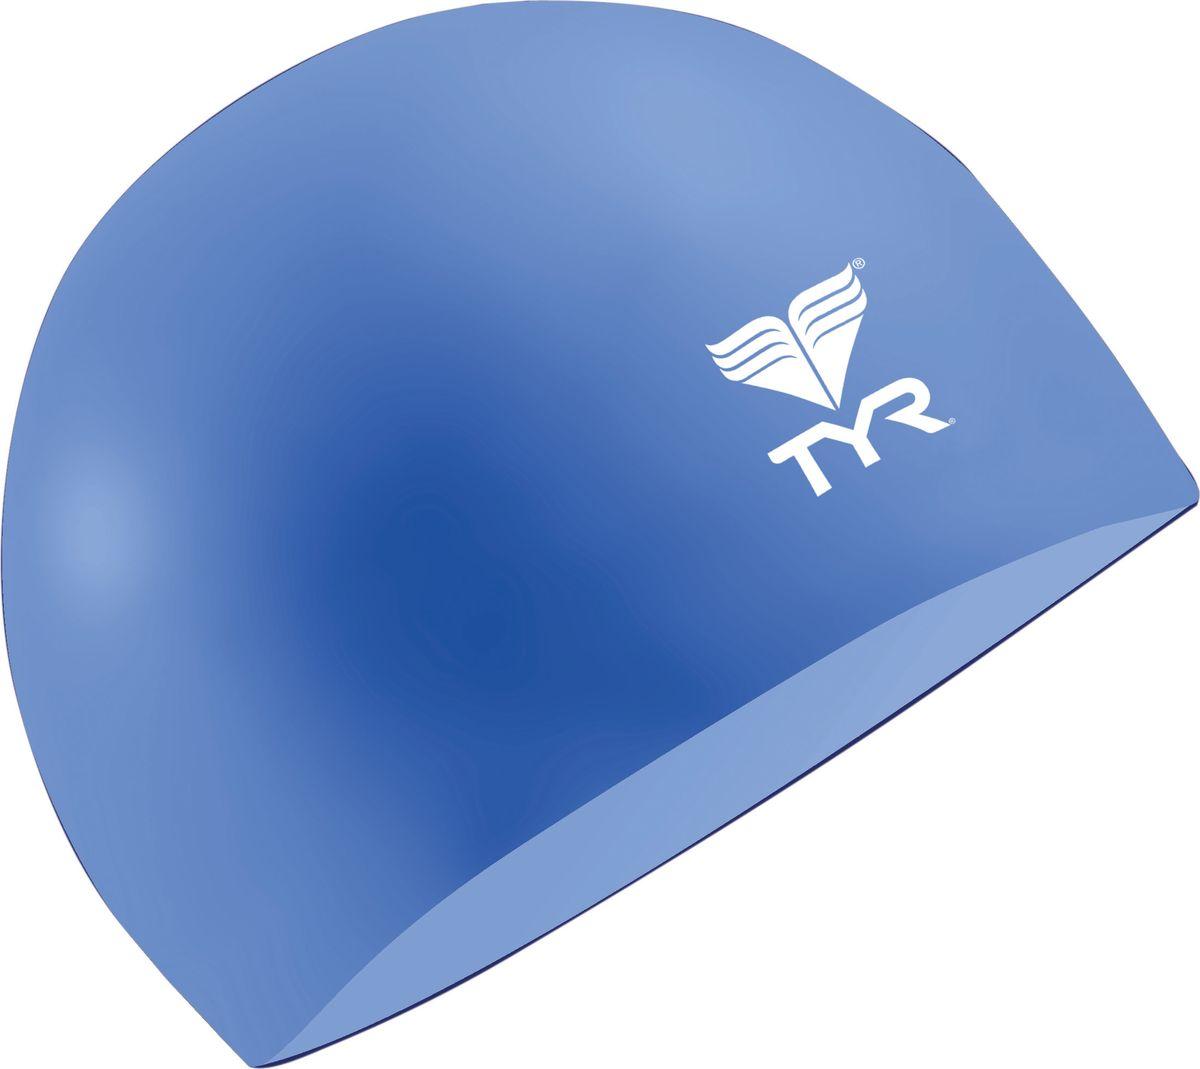 Шапочка для плавания Tyr Latex Swim Cap, цвет: голубой. LCLLCLШапочка TYR Latex - изготовлена из высококачественного латекса. Прочный, мягкий материал приятный на ощупь. Очень удобная модель для посещения тренировок в бассейне. Благодаря своей эластичности не давит на голову.